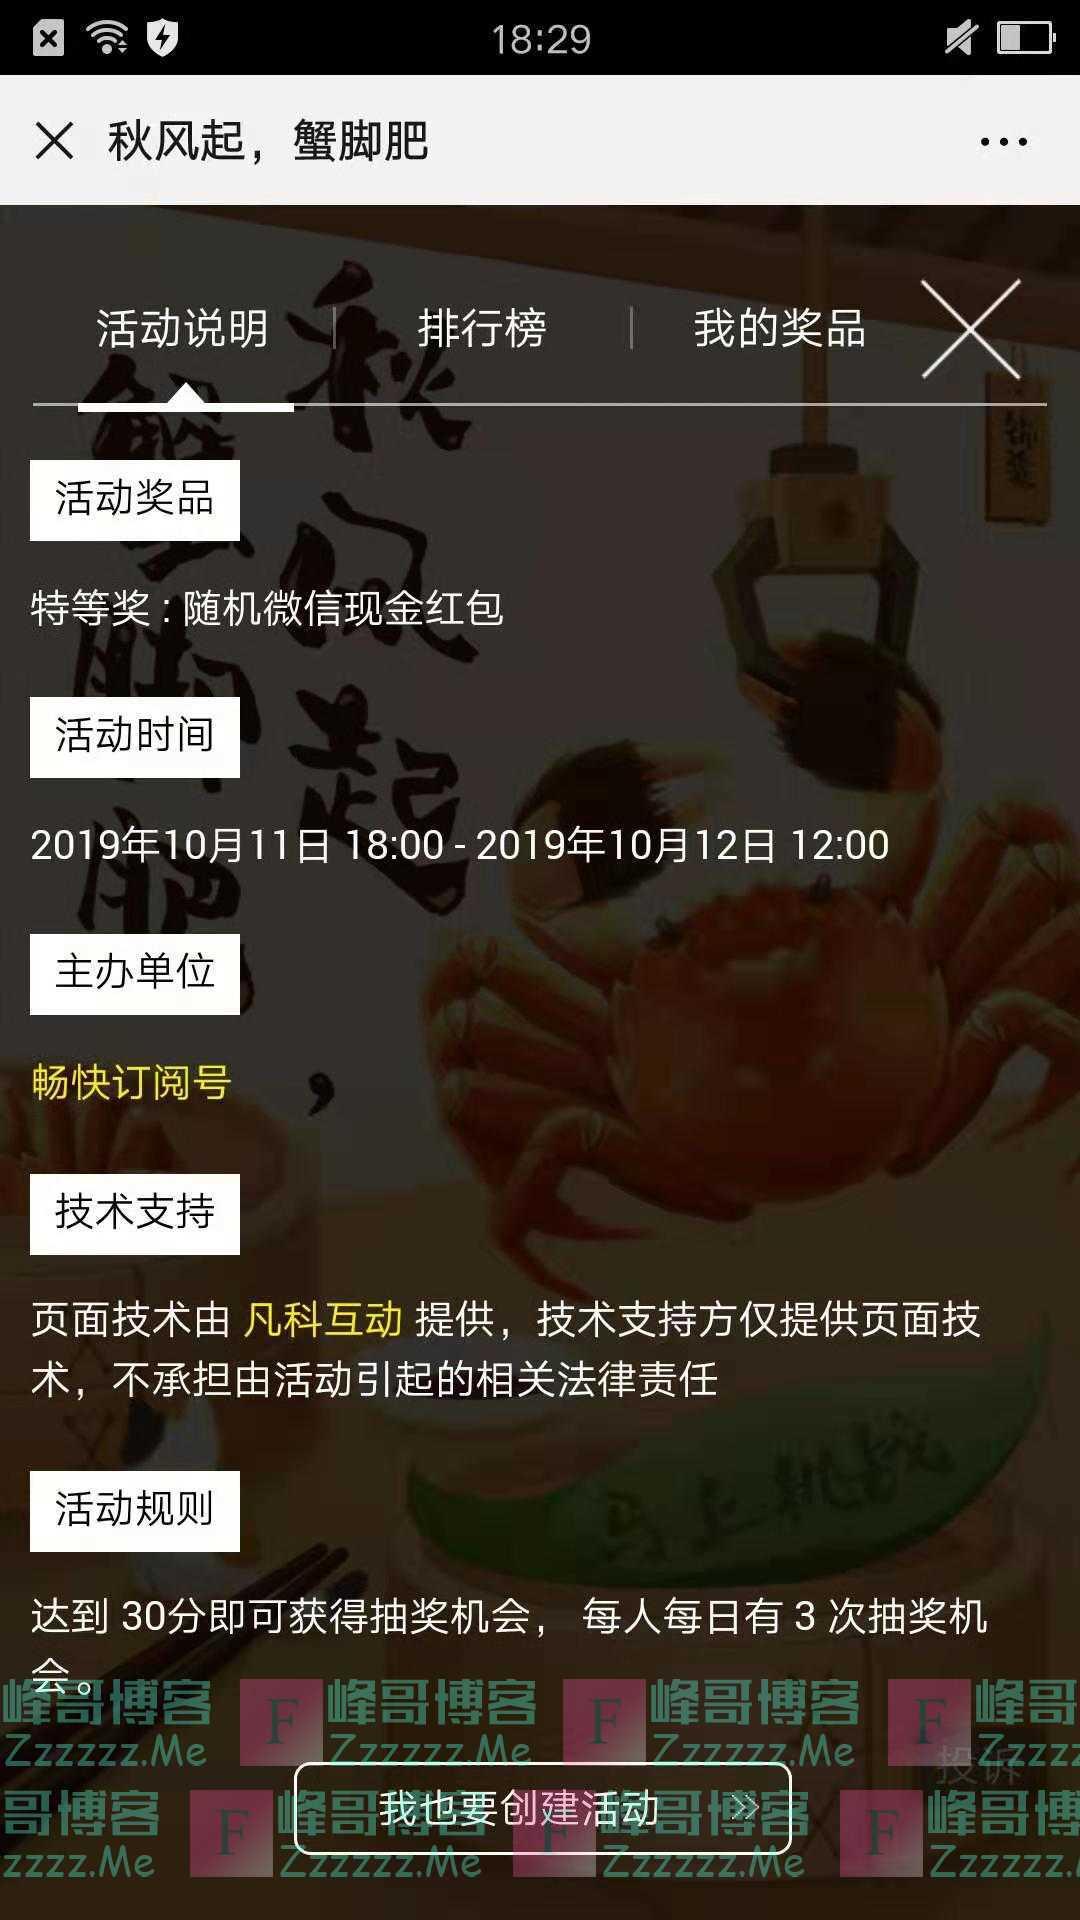 畅快订阅号10月现金红包(截止10月12日)